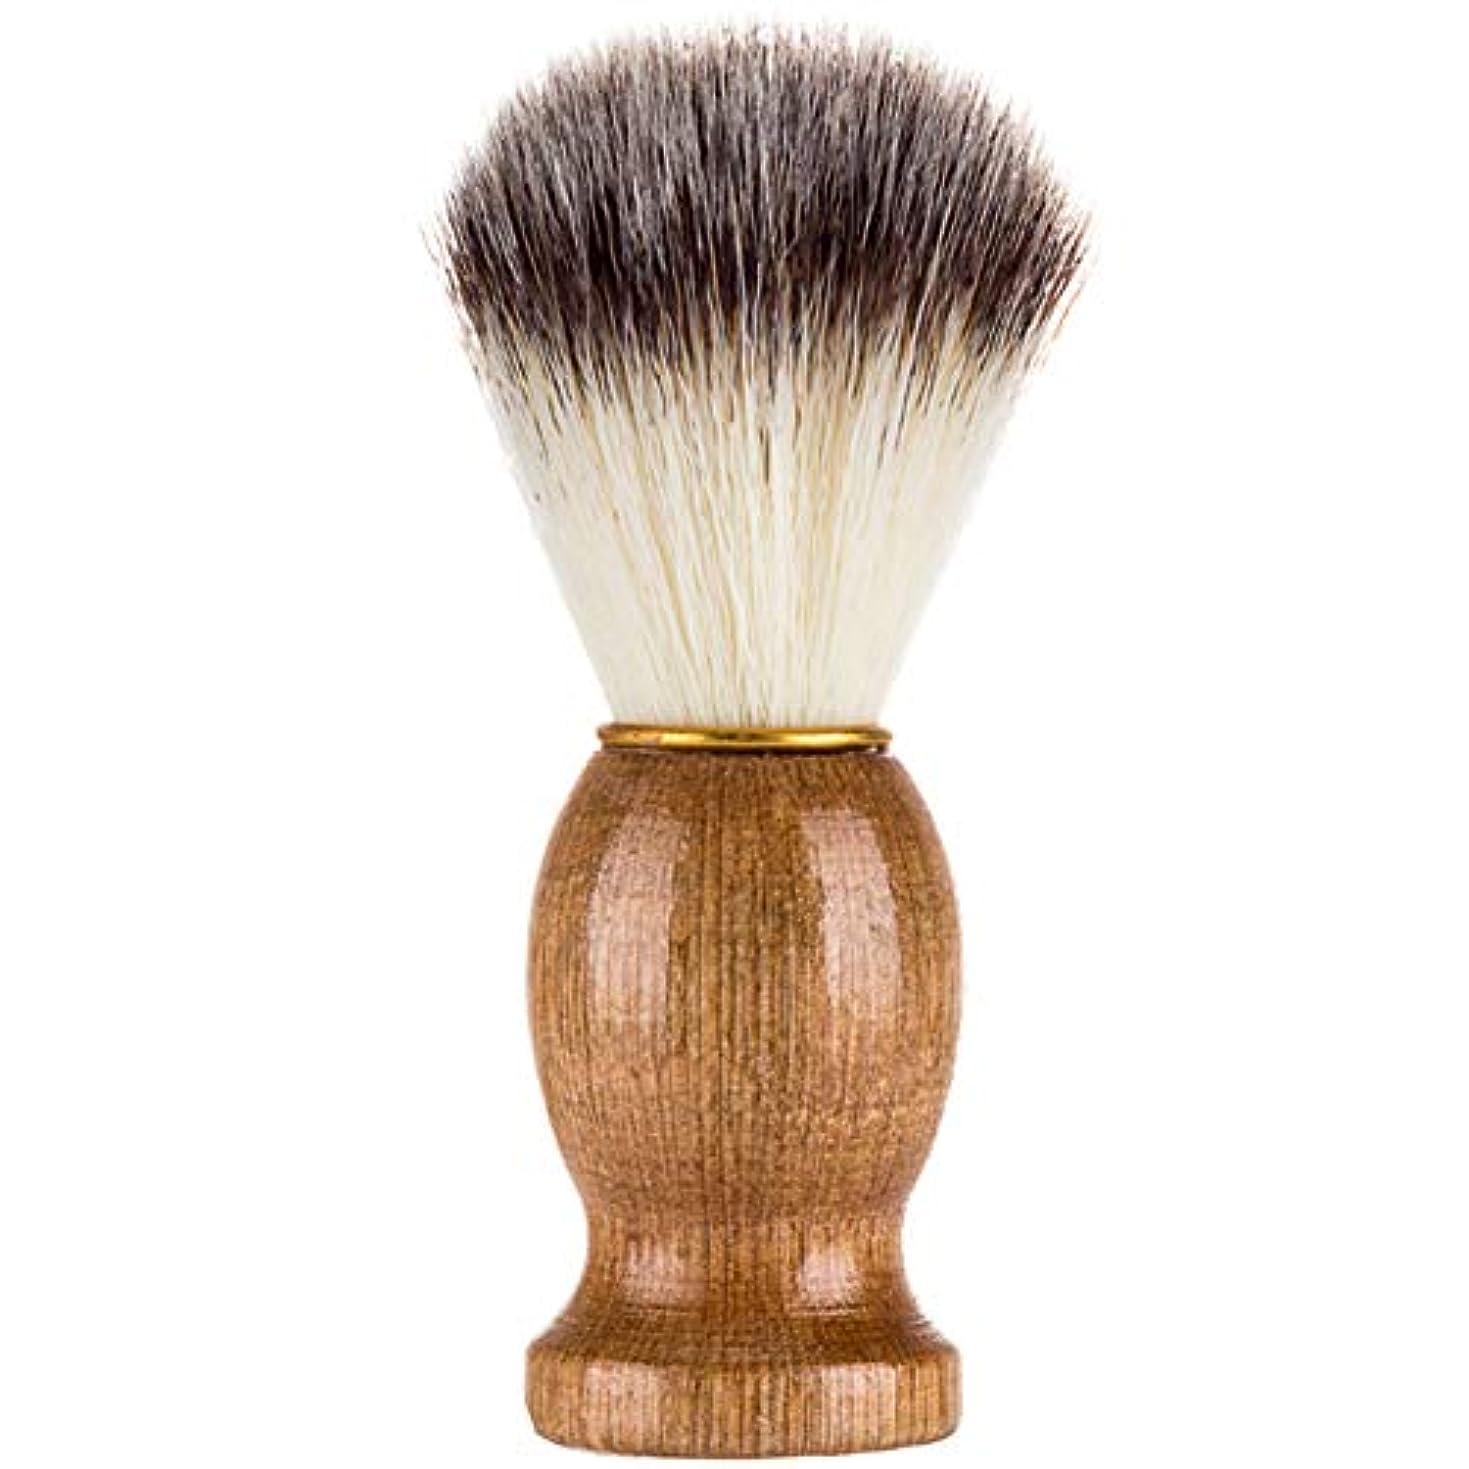 心理的周囲マニアTenflyer シェービングブラシ、シェービングブラシ、男性シェービングブラシシェービングかみそりブラシサロン理髪店用ツールひげ剃り用品